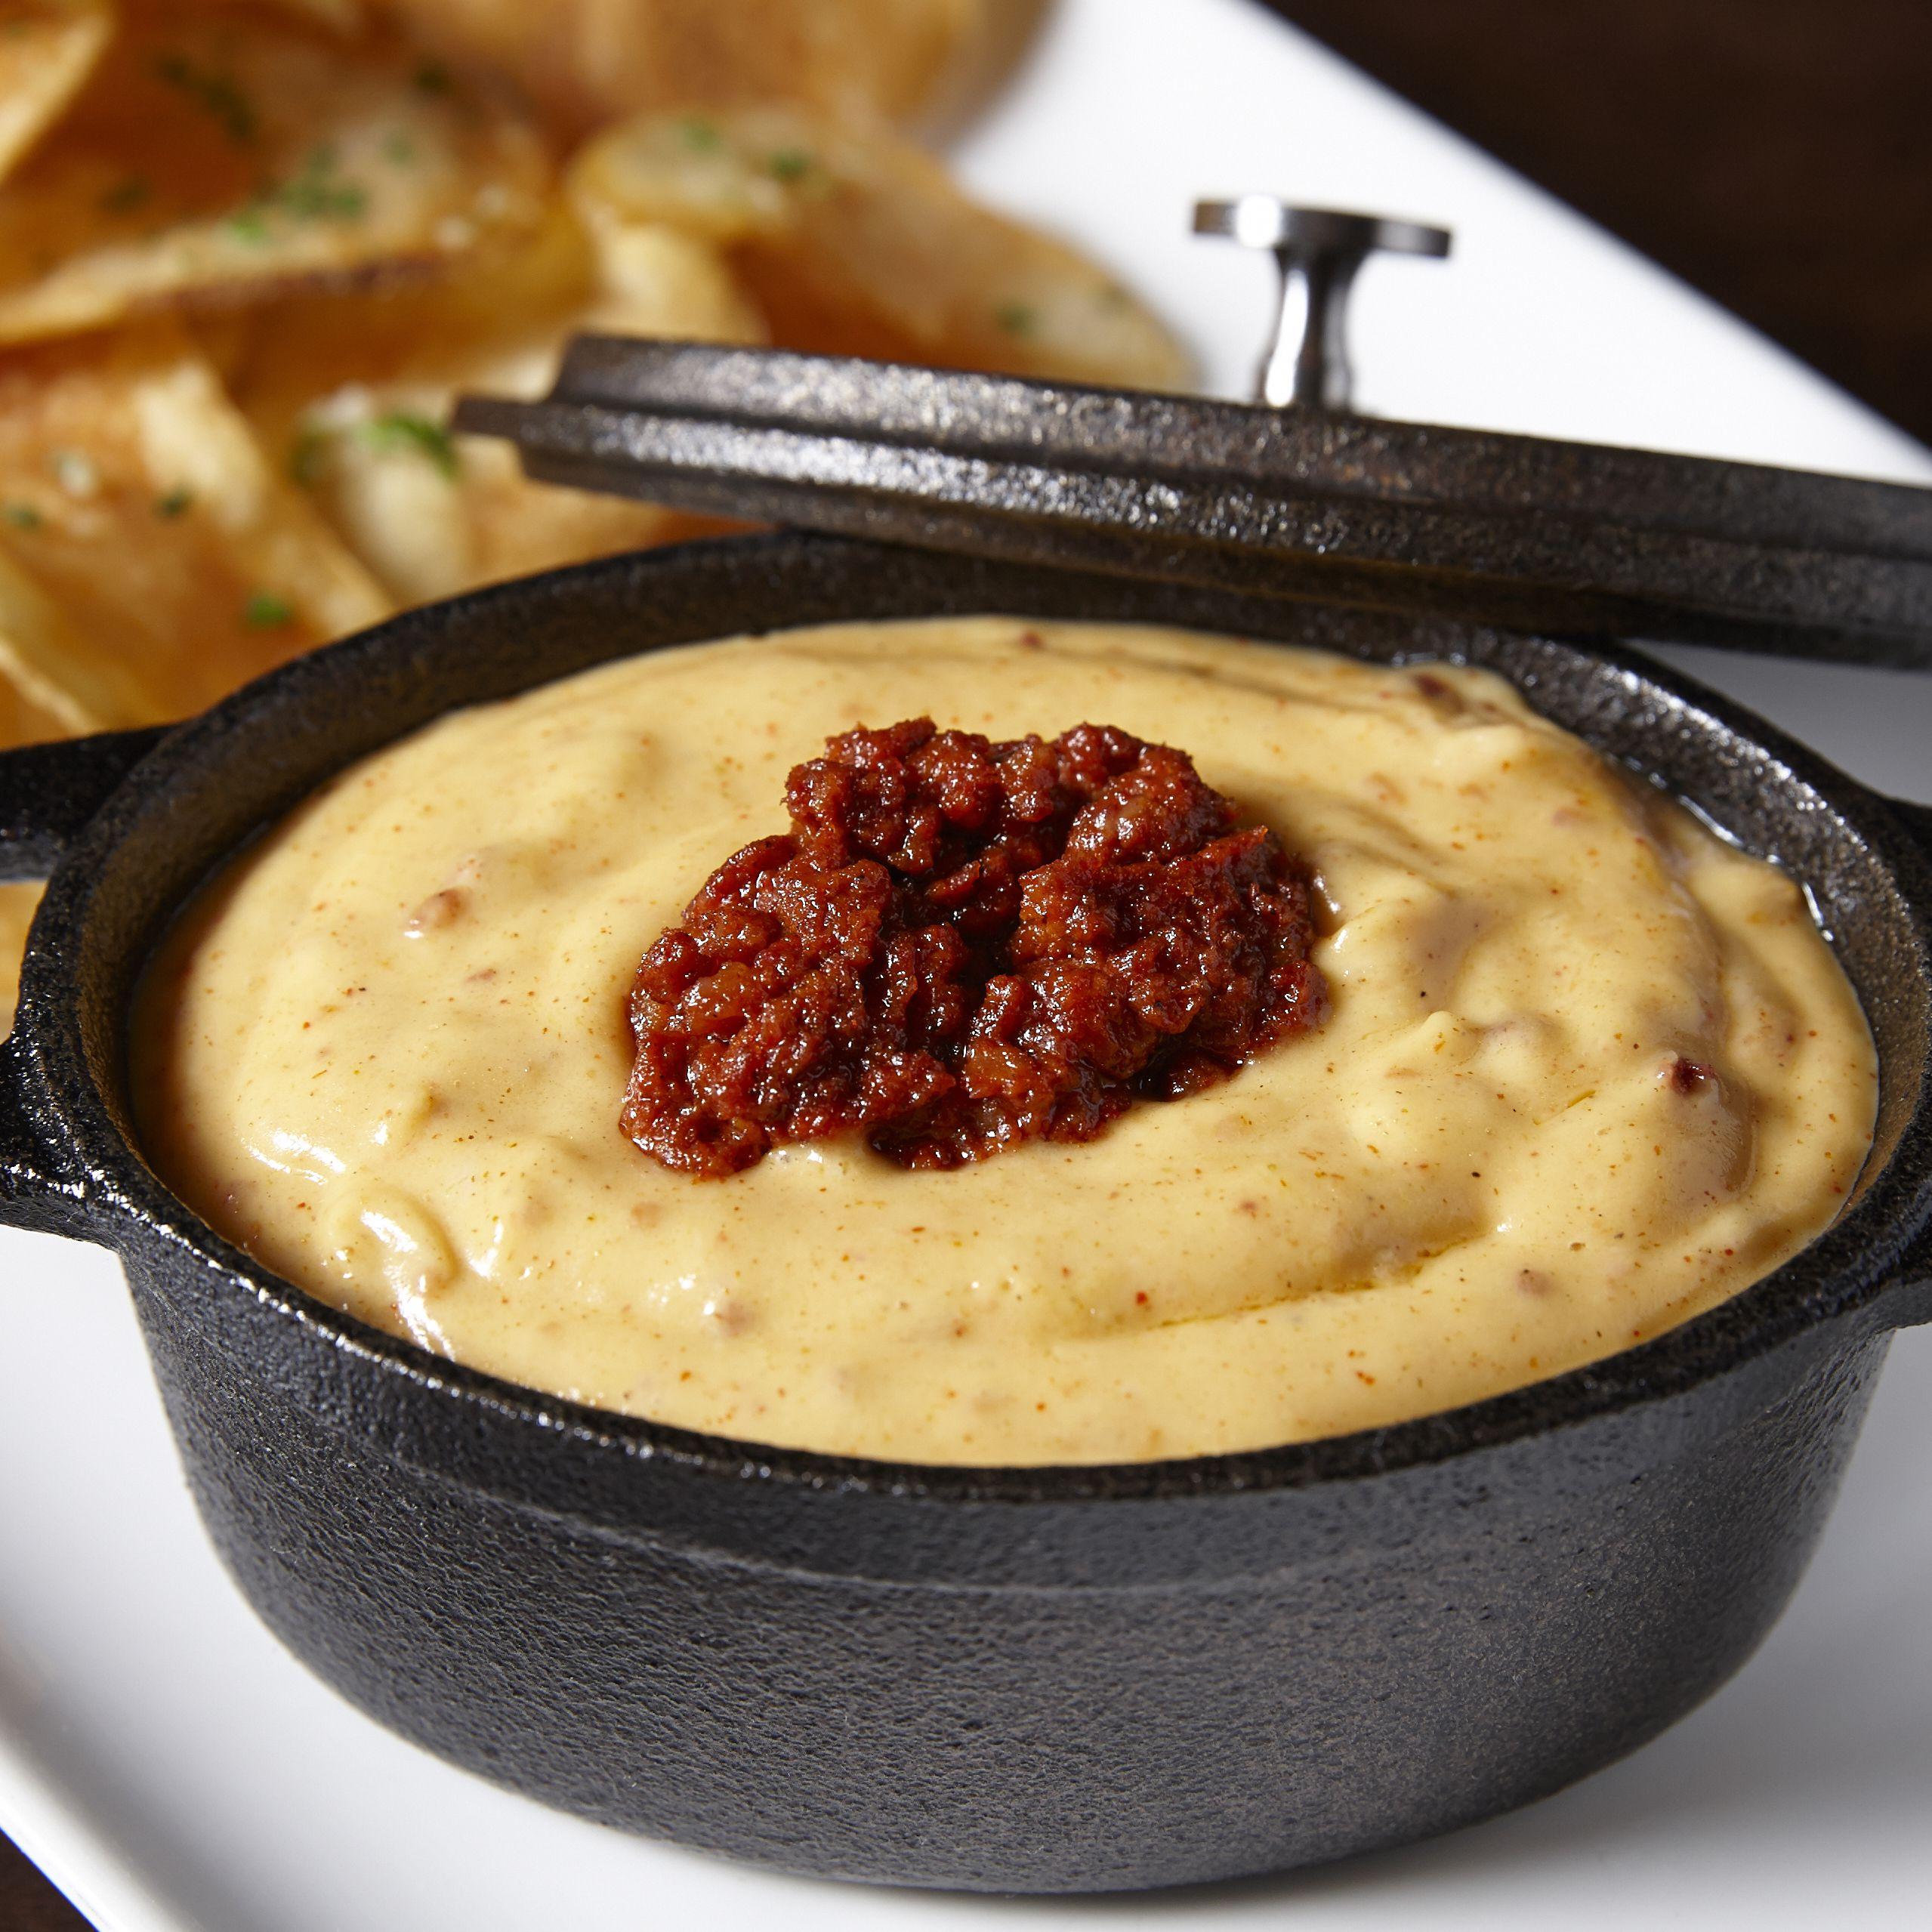 Vegetarian Chili Cheese Dip